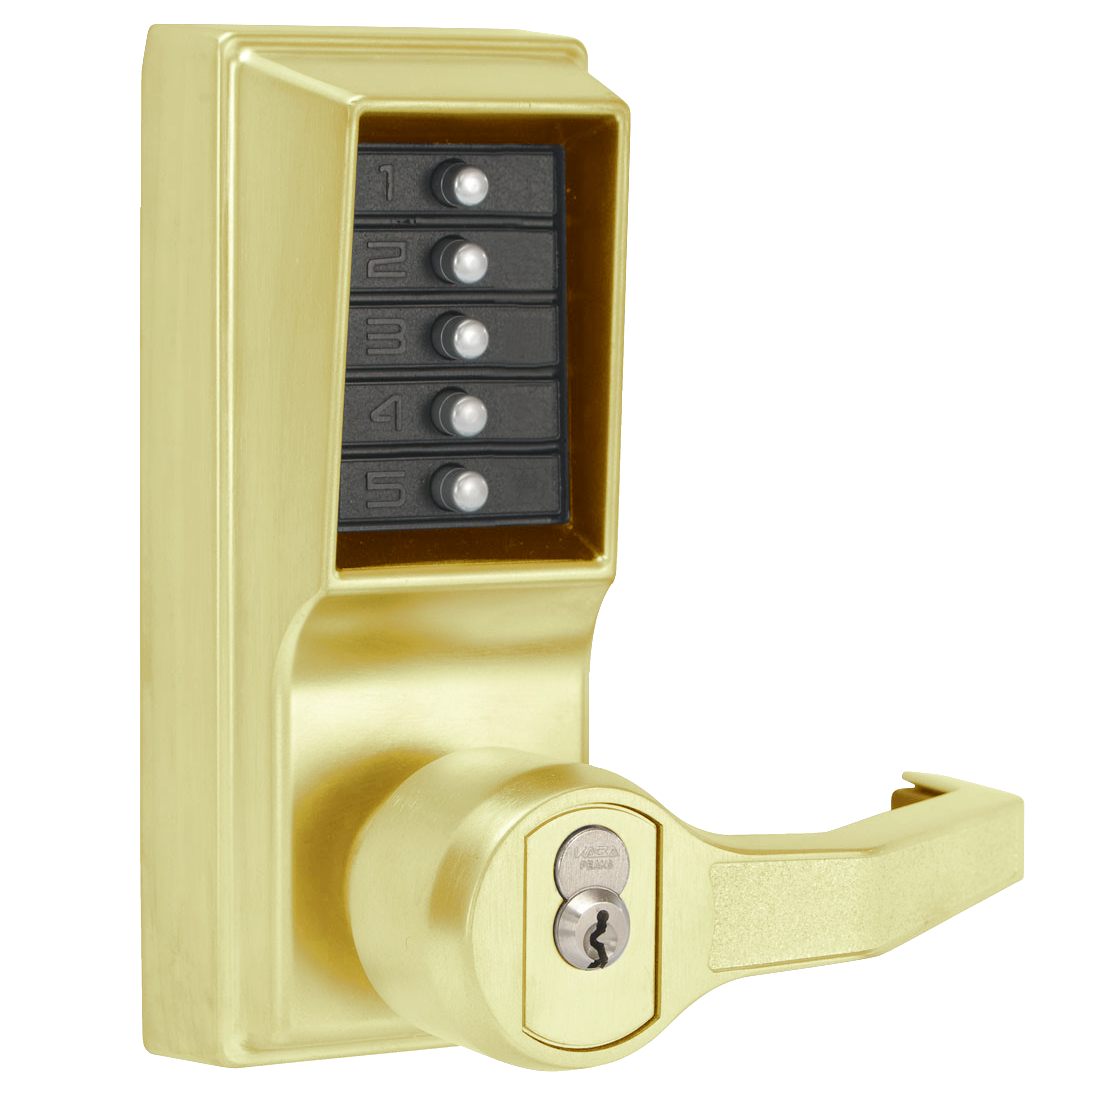 DORMAKABA Simplex L1000 Series L1021B Digital Lock Lever Operated